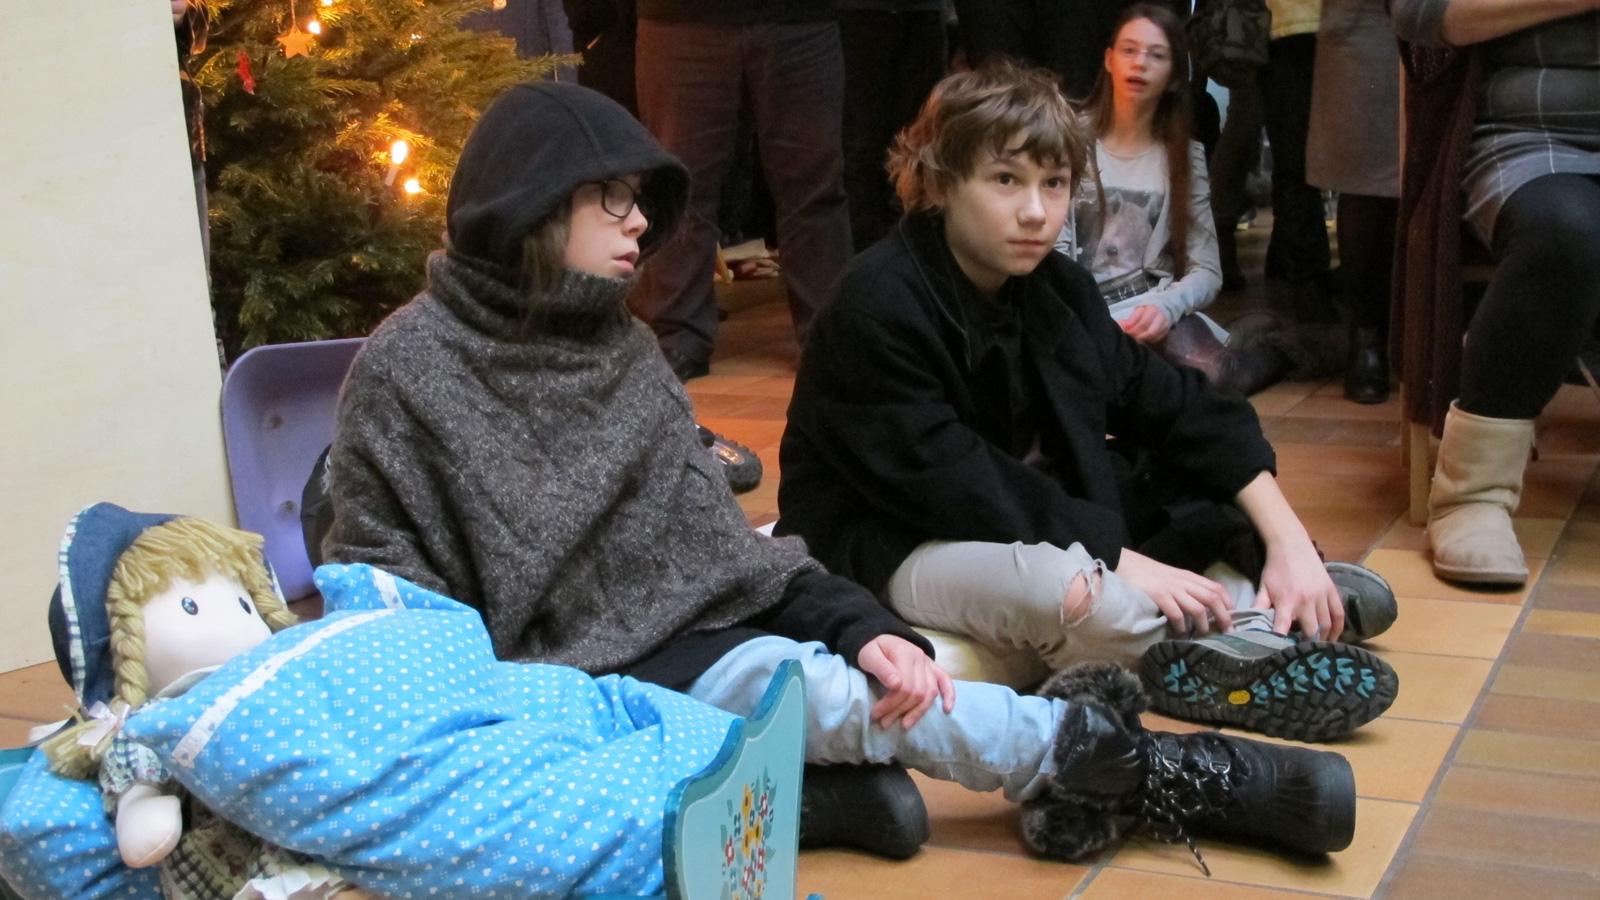 Maria und Josef finden in der kühlen Dezembernacht des Jahrs 2016 Unterschlupf in einer Garage, wo auch Sohn Jesus geboren wird.